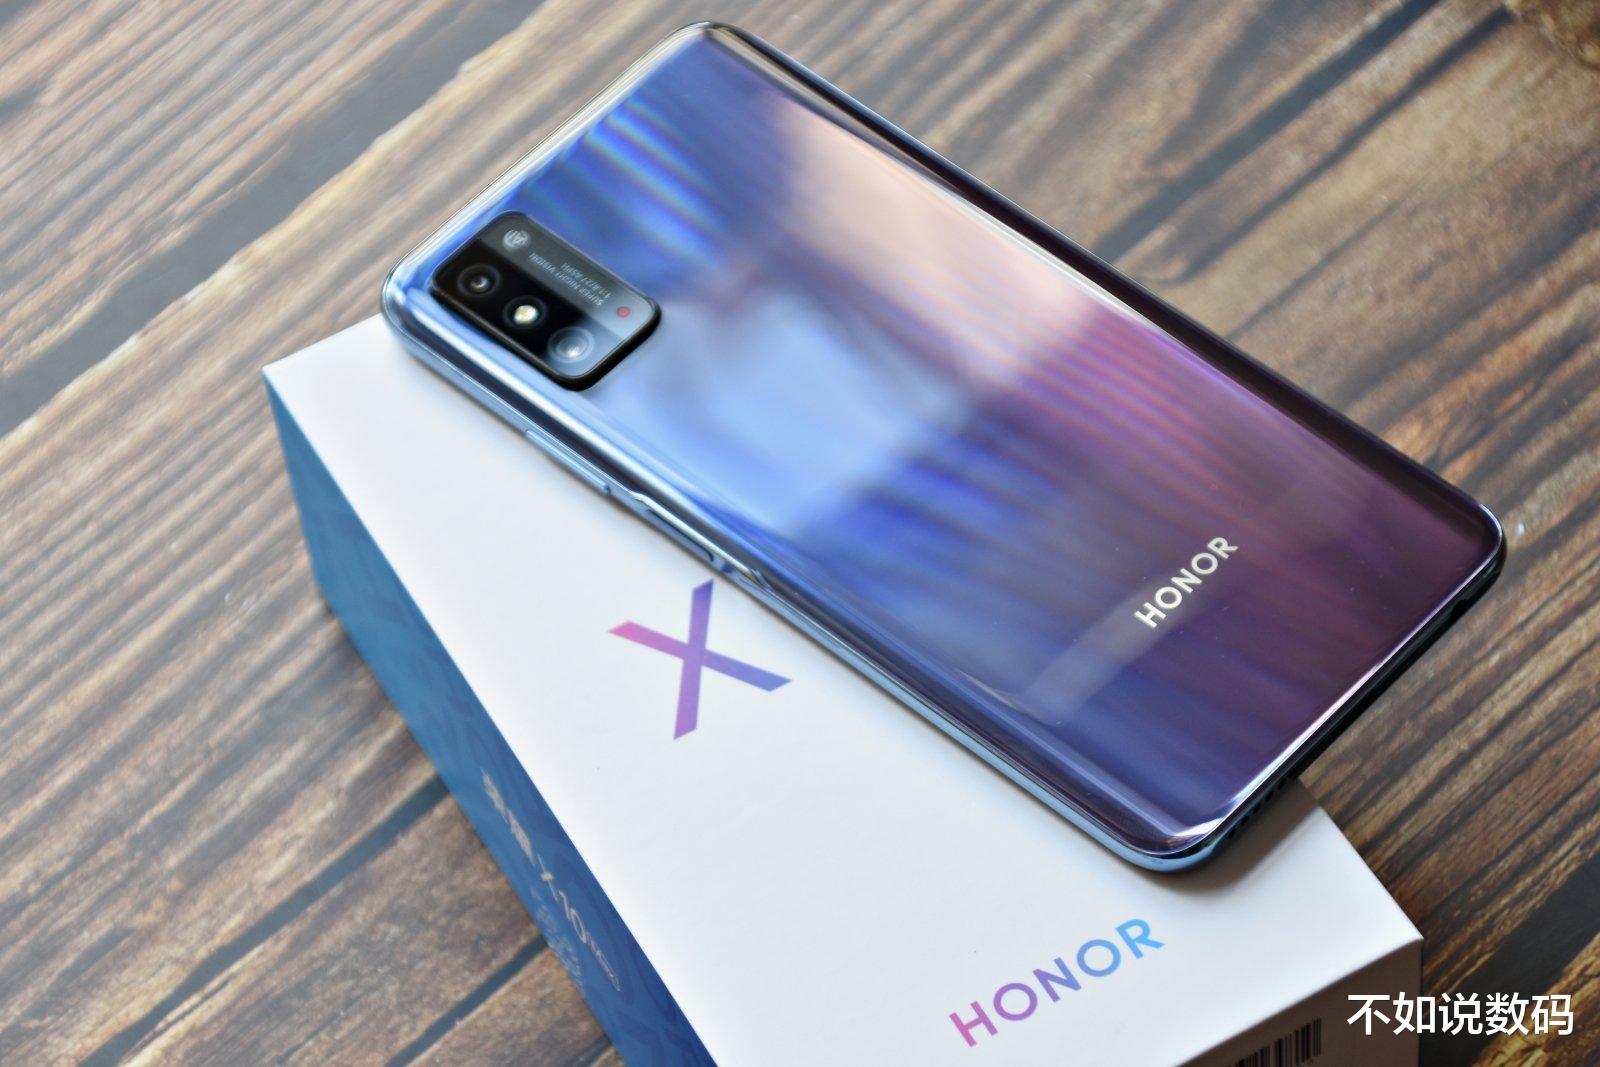 让人心动的三款华为手机,配置极强价格还低,同价位的最佳之选!